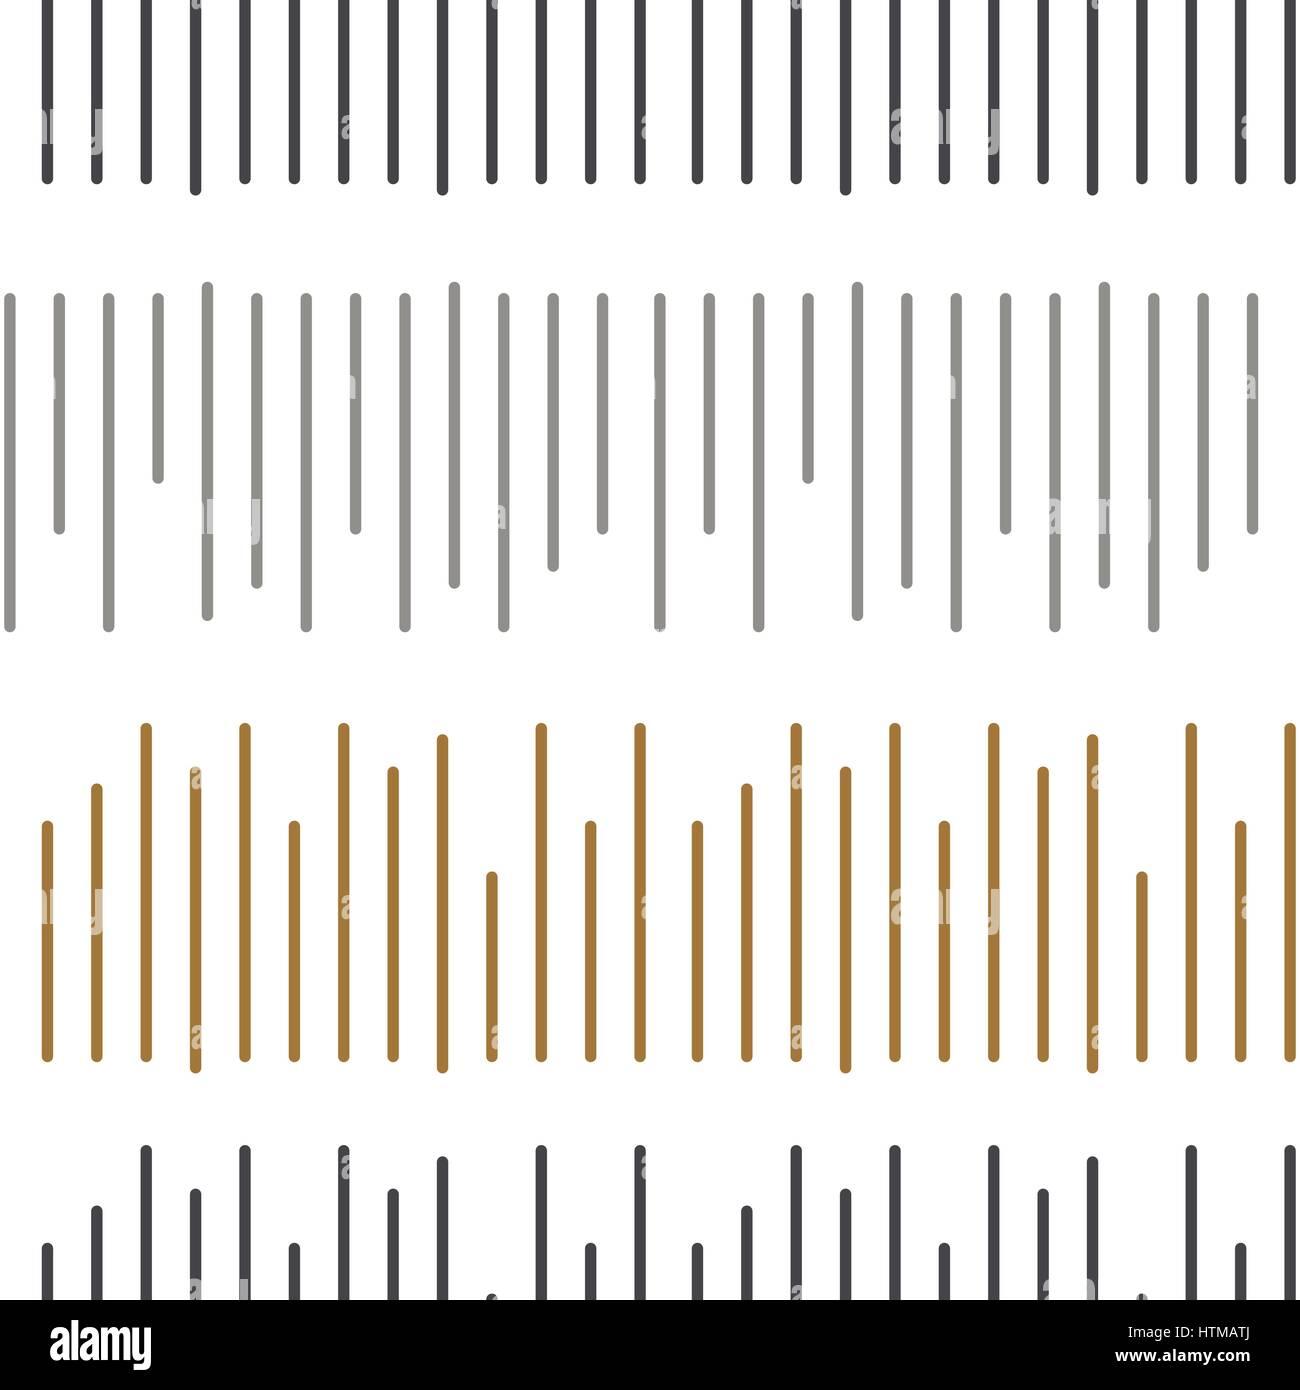 Simple Stitch Imágenes De Stock & Simple Stitch Fotos De Stock - Alamy